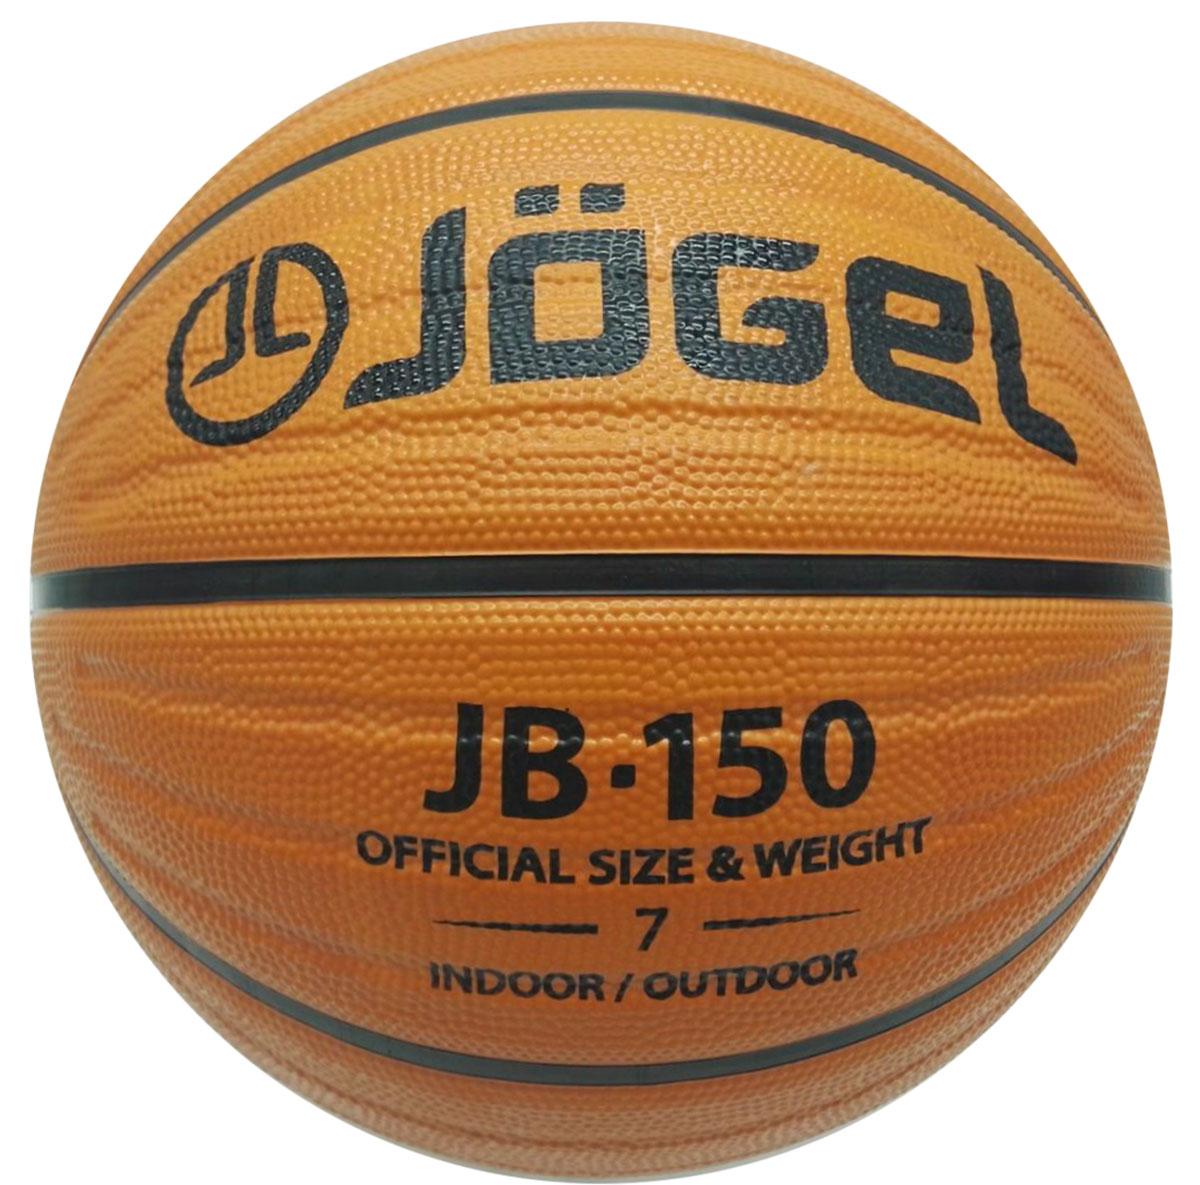 Мяч баскетбольный Jogel, цвет: коричневый. Размер 7. JB-150УТ-00009272Название: Мяч баскетбольный Jgel JB-150 №7 Уровень: Тренировочный мяч Категория: INDOOR/OUTDOOR Описание: Jogel JB-150 №7 это резиновый баскетбольный мяч, с тремя дополнительными каналами на каждой панели, уникальная модель на российском рынке! Благодаря сочетанию технологий DeepChannel (глубокие каналы) и Wave Triple Threat Technology (тройные волнообразные каналы), достигается максимальный контроль мяча во время броска и дриблинга. Поверхность мяча выполнена из износостойкой резины, благодаря чему данным мячом можно играть практически на любой поверхности, как на улице, так и в зале. Размер №7 предназначается для мужчин и юношей от 17 лет, официальный размер для соревнований мужских команд. Данный мяч рекомендован для любительской игры, тренировок любительских команд и команд среднего уровня. Данный мяч прекрасно подходит для поставок на гос. тендеры, образовательные учреждения и спортивные секции. Официальный размер и вес FIBA. Рекомендованные покрытия: Паркет, резина, бетон,...